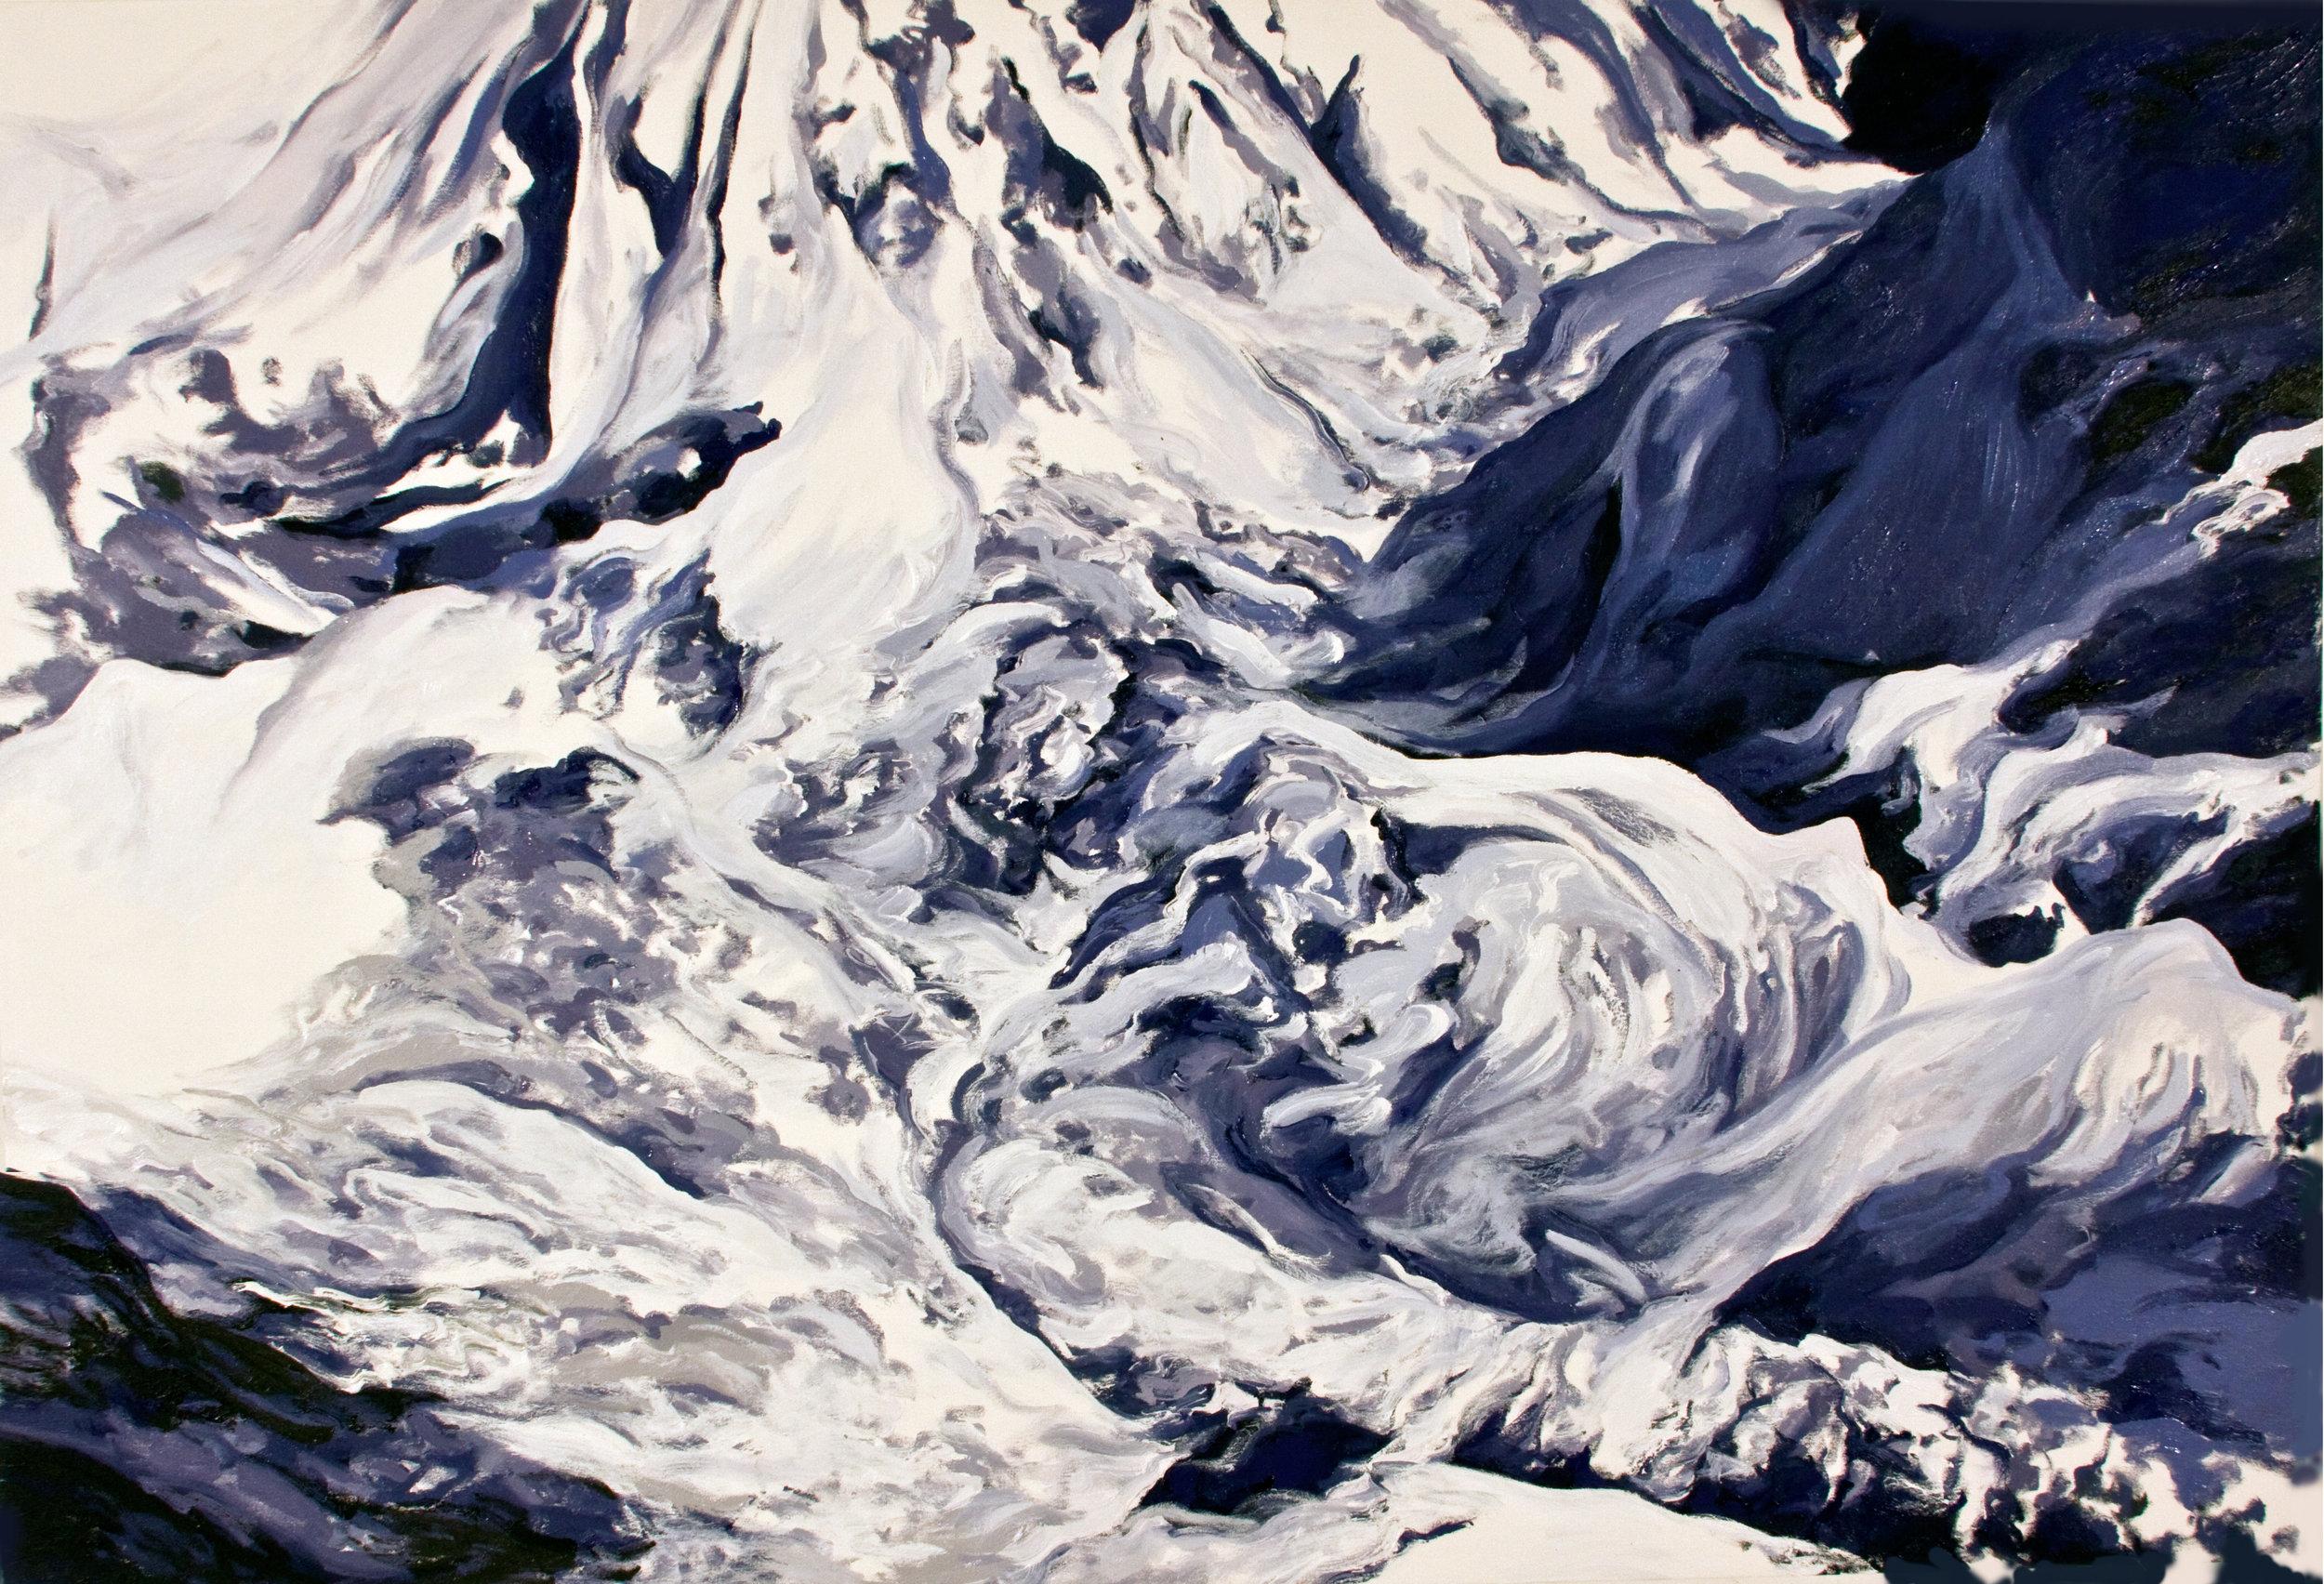 Khumbu Icefall I, 1952 after Jake Norton